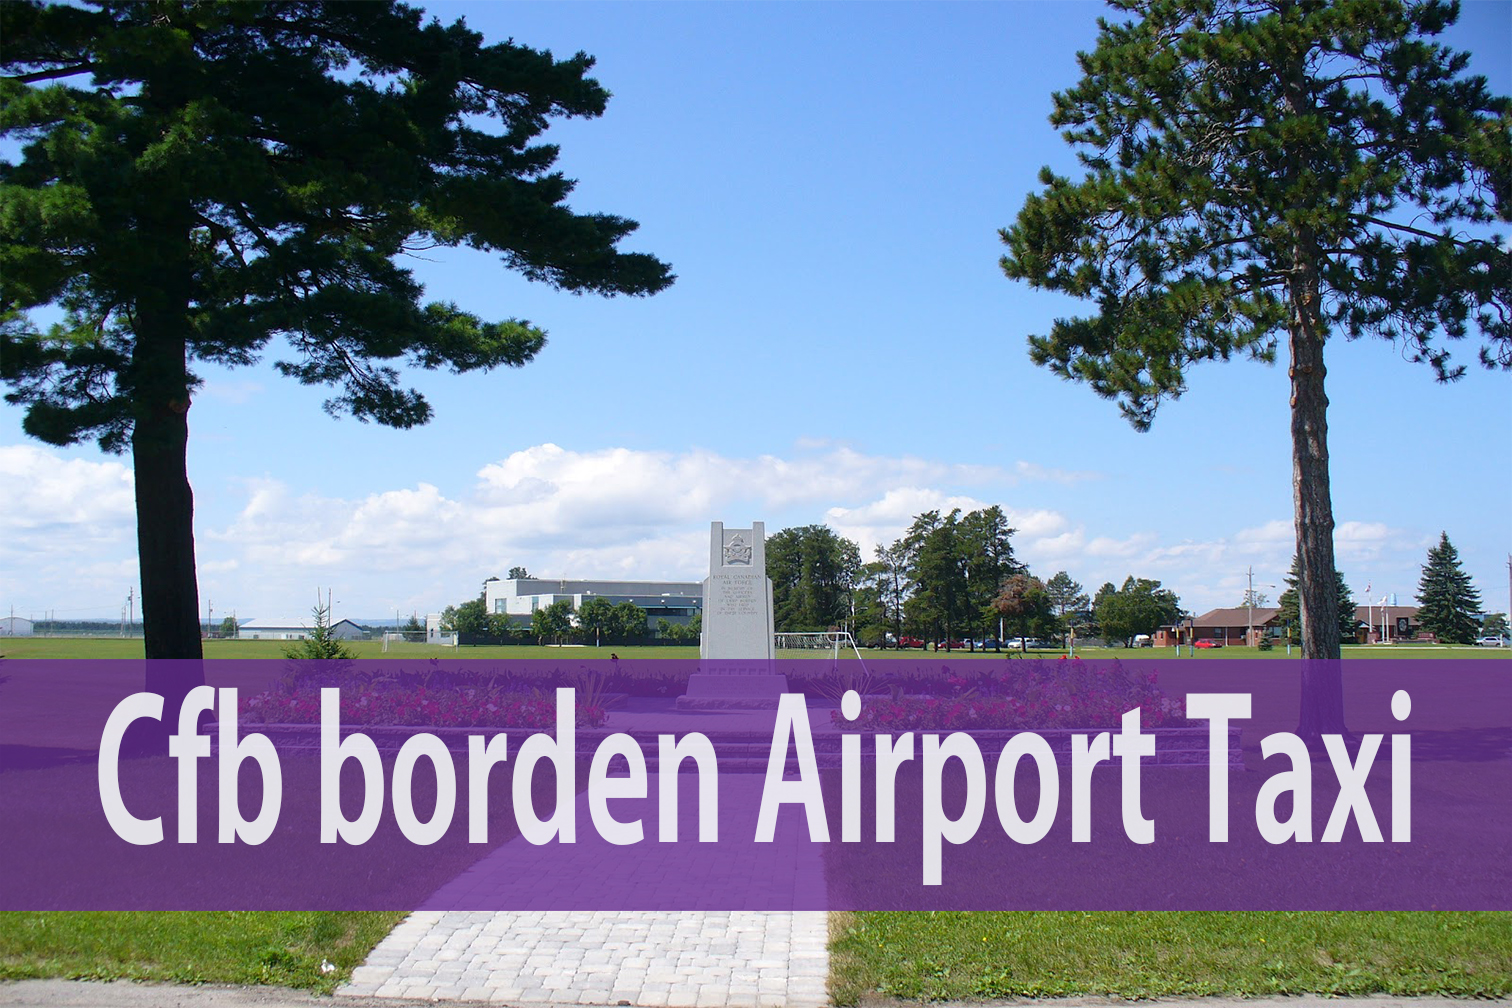 Cfb borden Airport Taxi